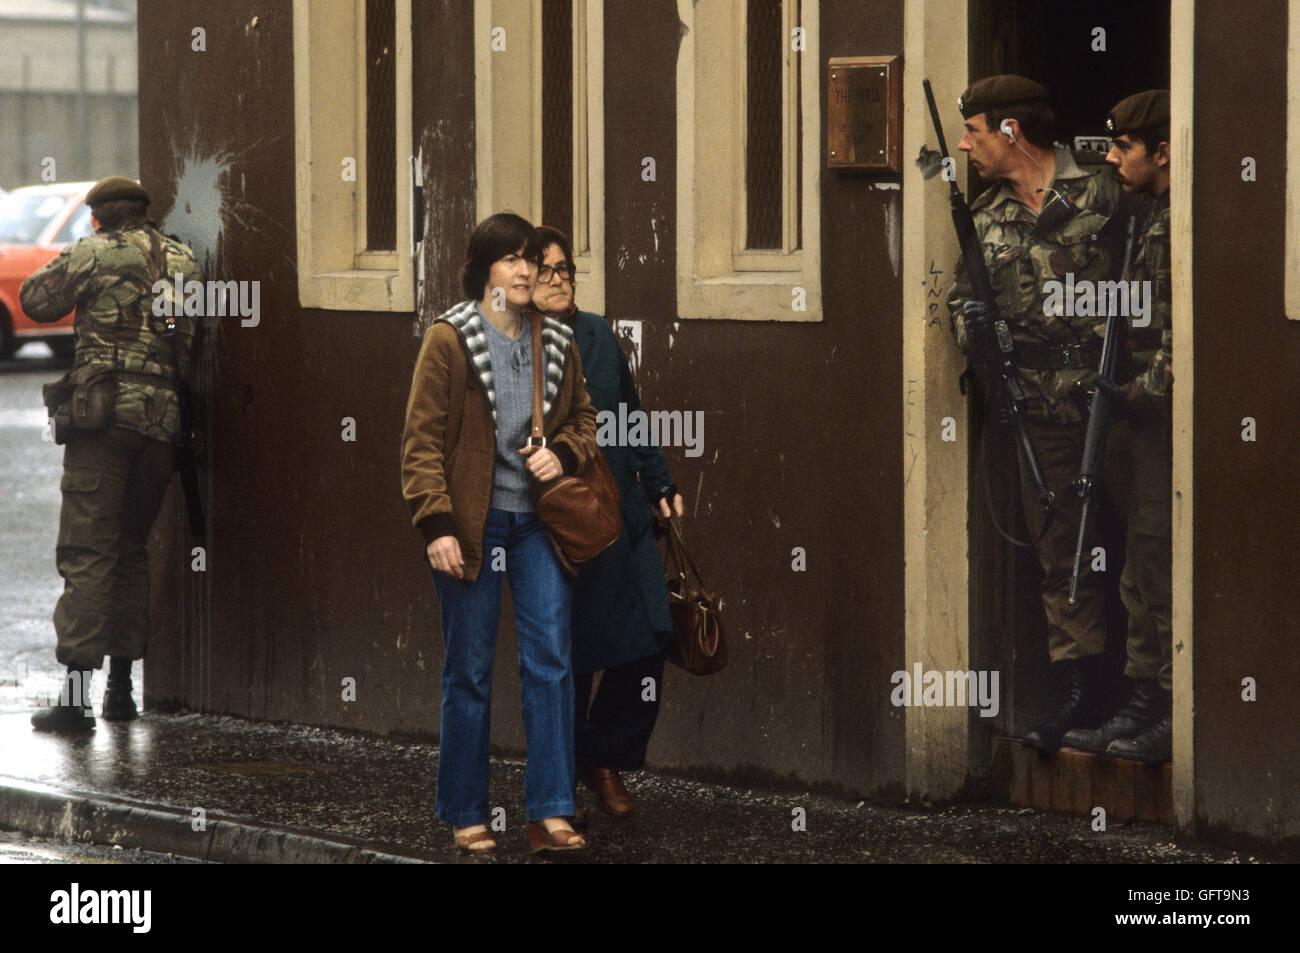 Probleme Belfast Nordirland der 80er Jahre. Britische Soldaten auf Patrouille 80 s HOMER SYKES Stockbild